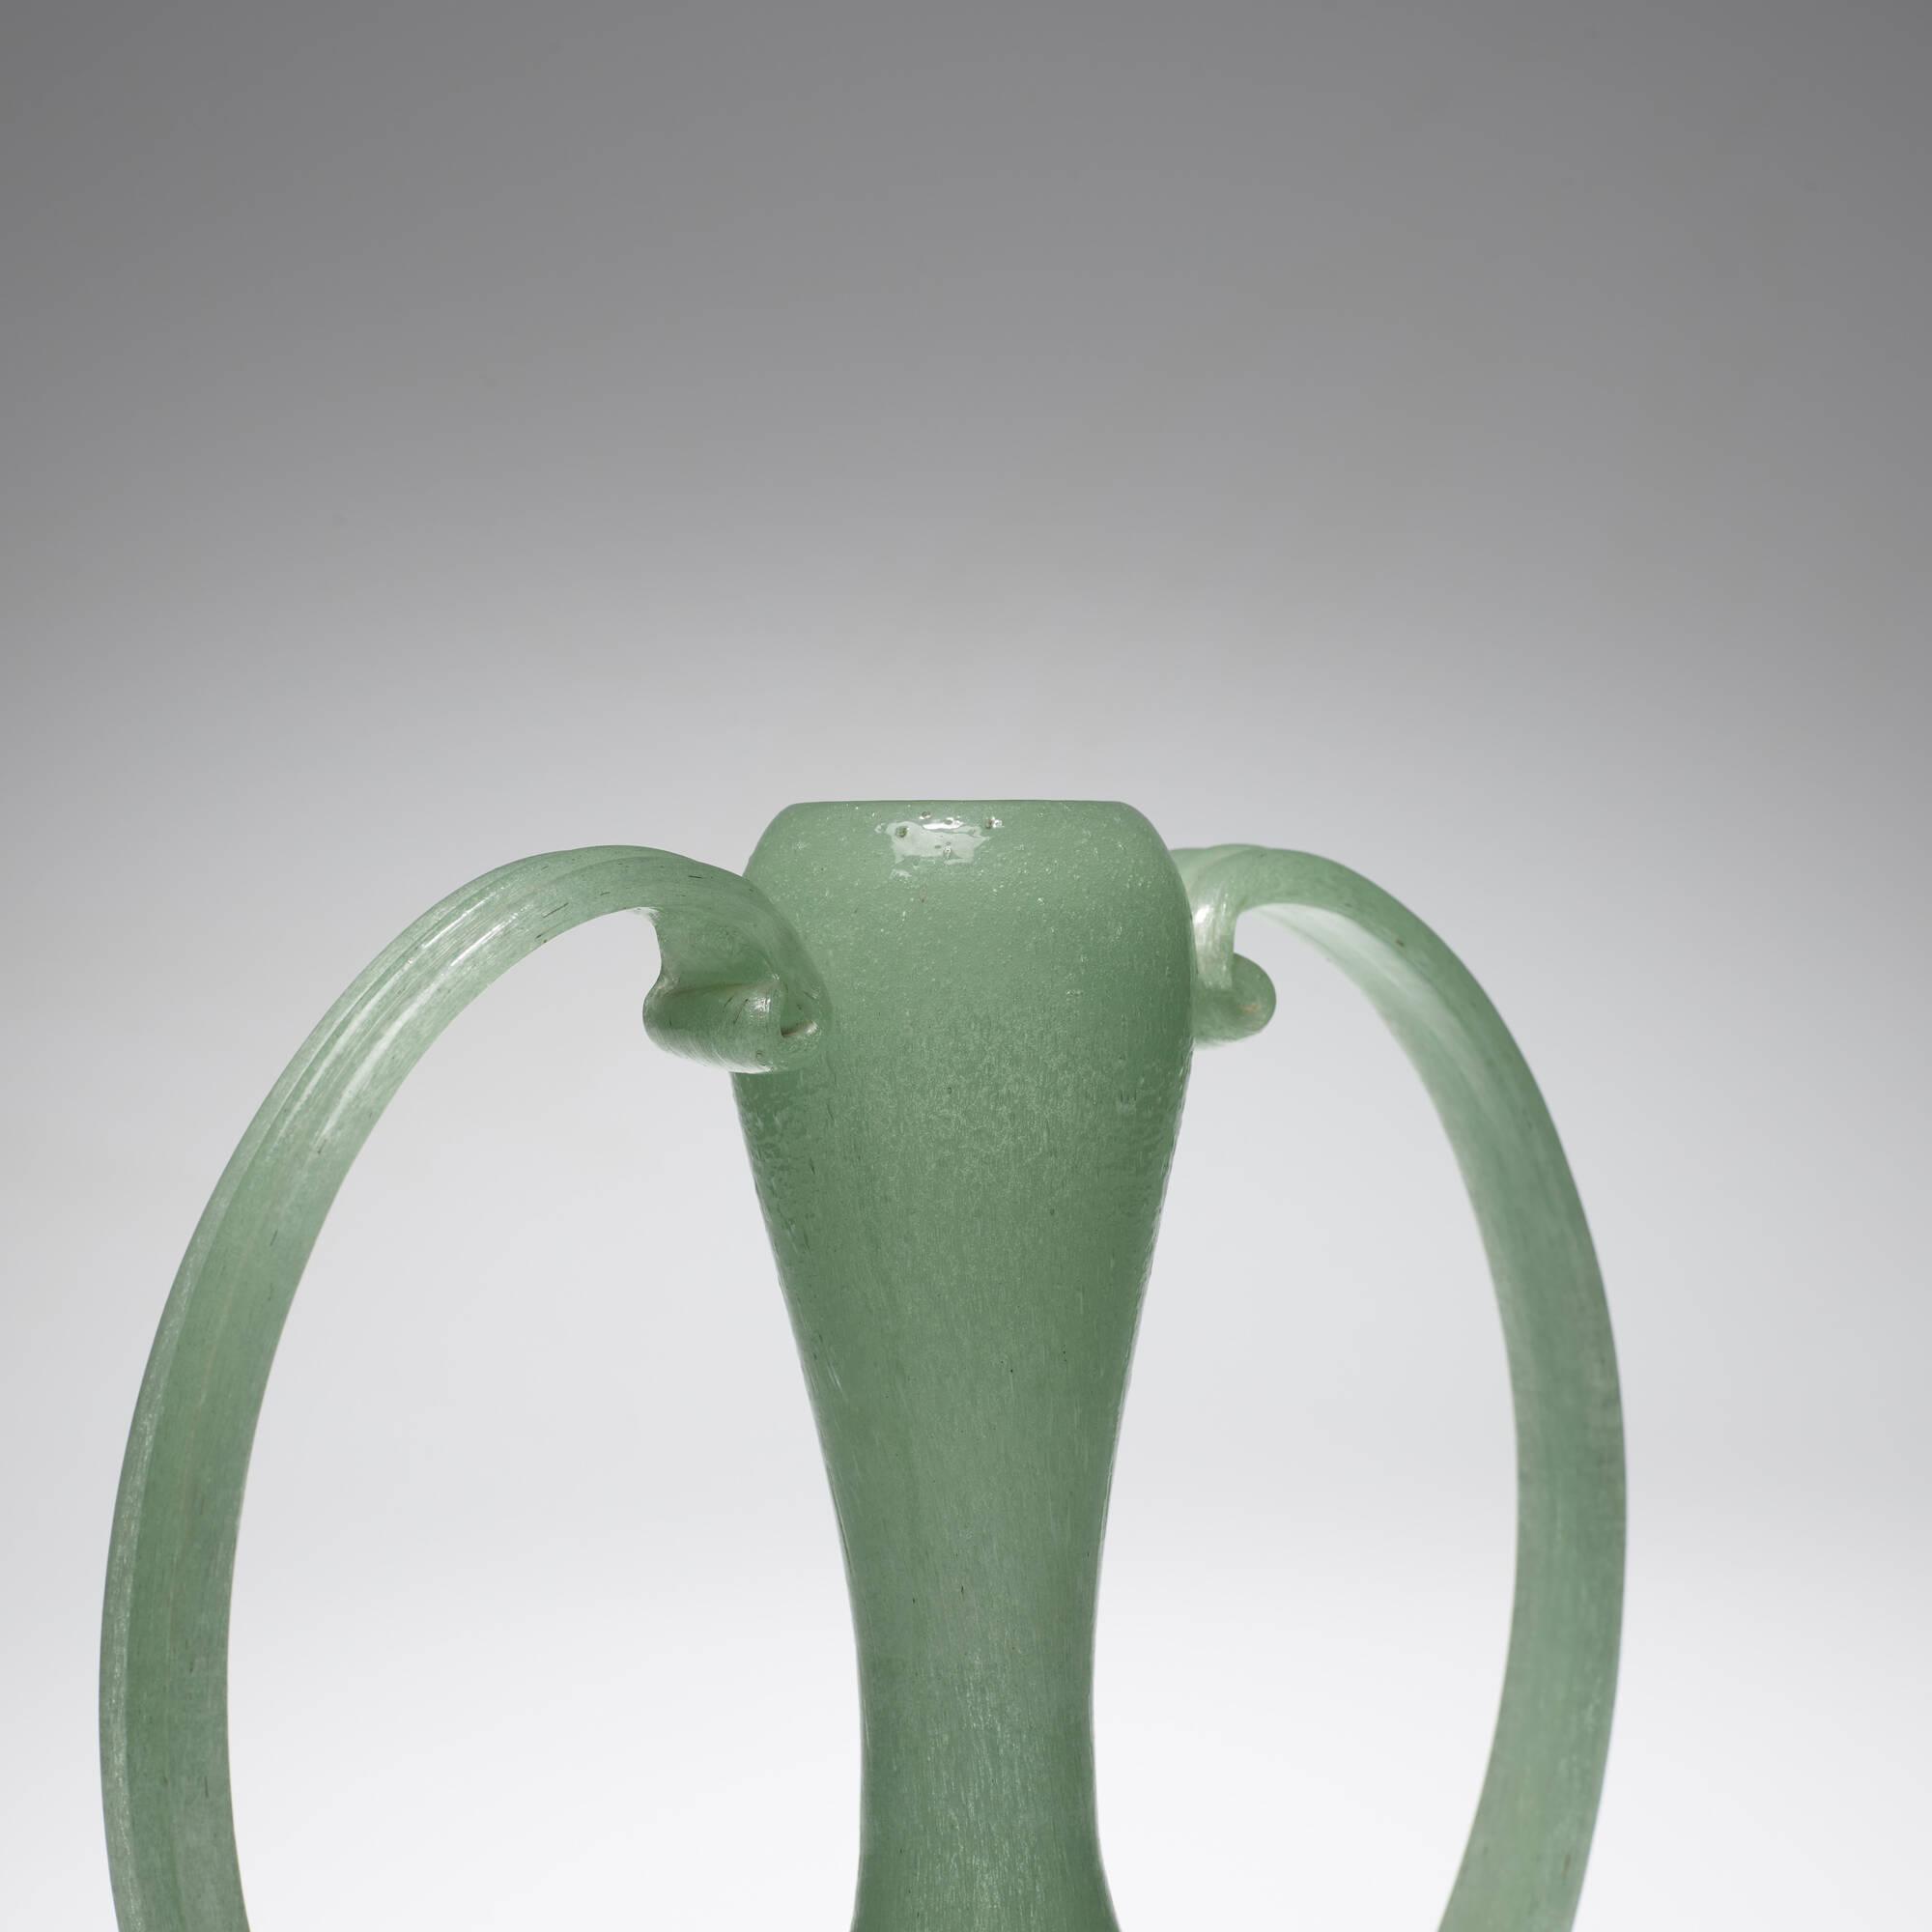 115: Barovier Seguso Ferro / Pulegoso vase, model Z100 (2 of 2)